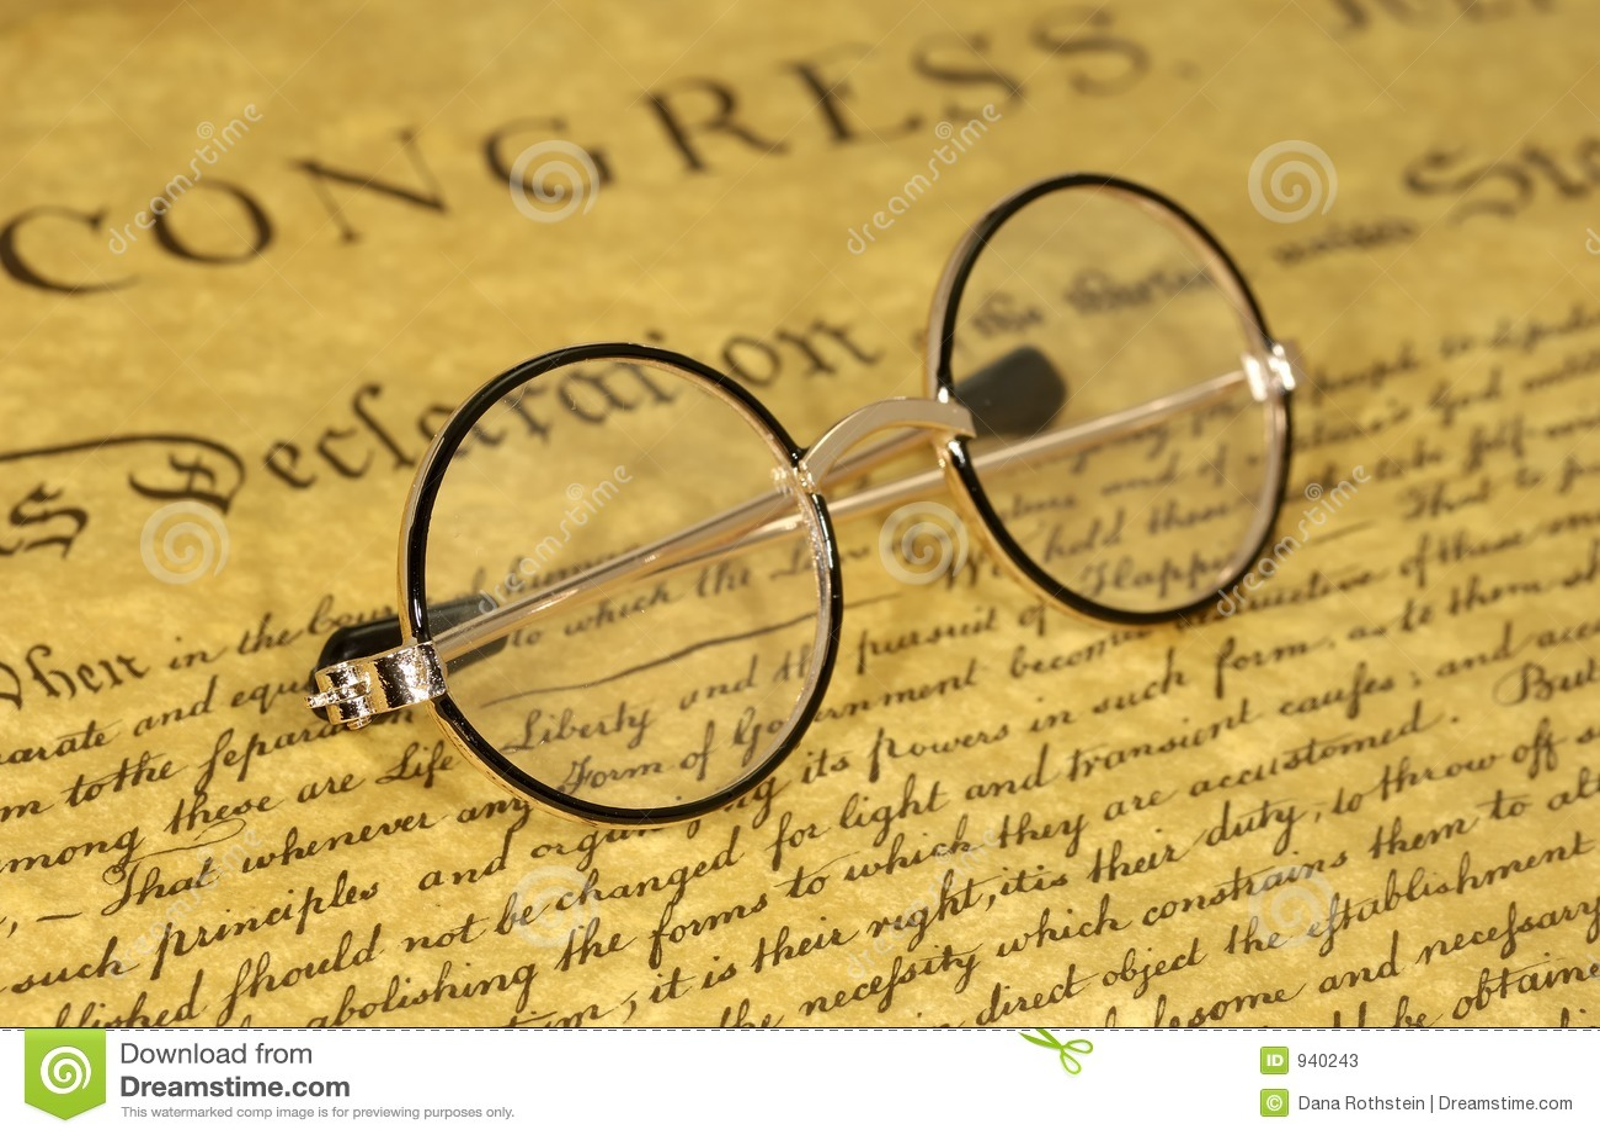 Rekening van Rechten